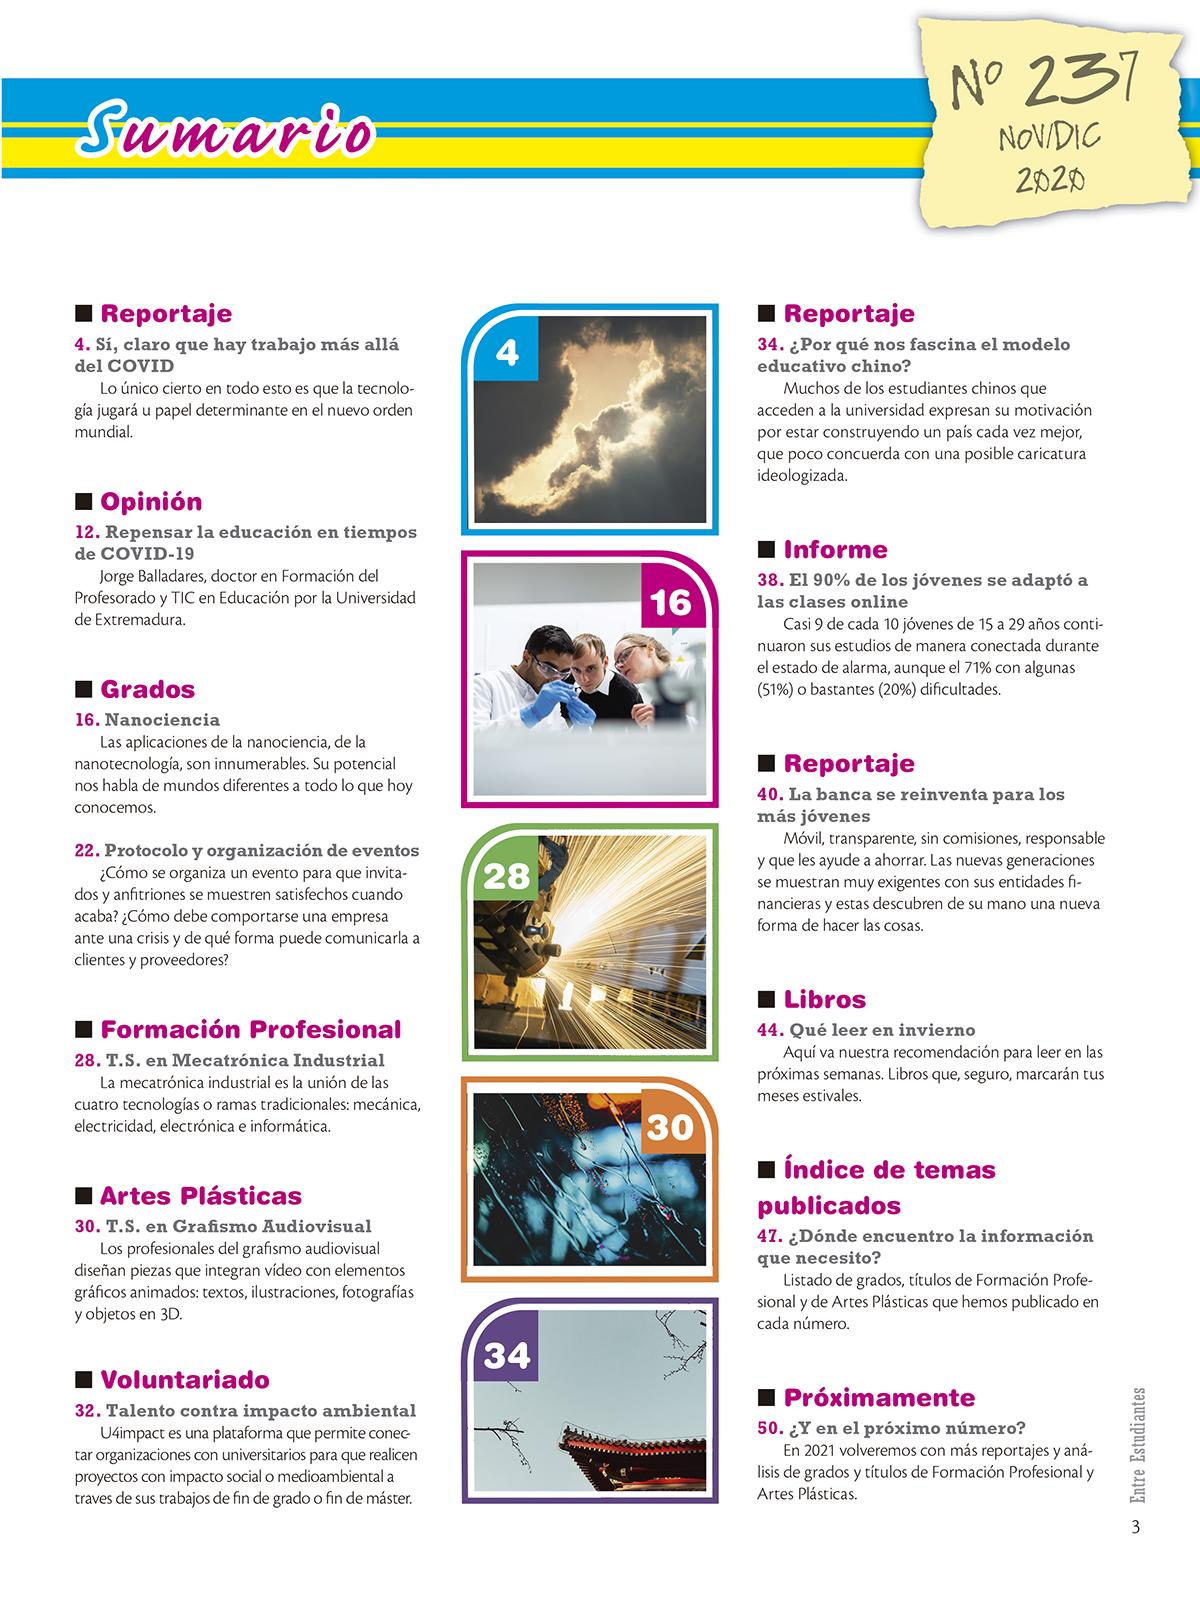 Revista Entre Estudiantes Nº 237